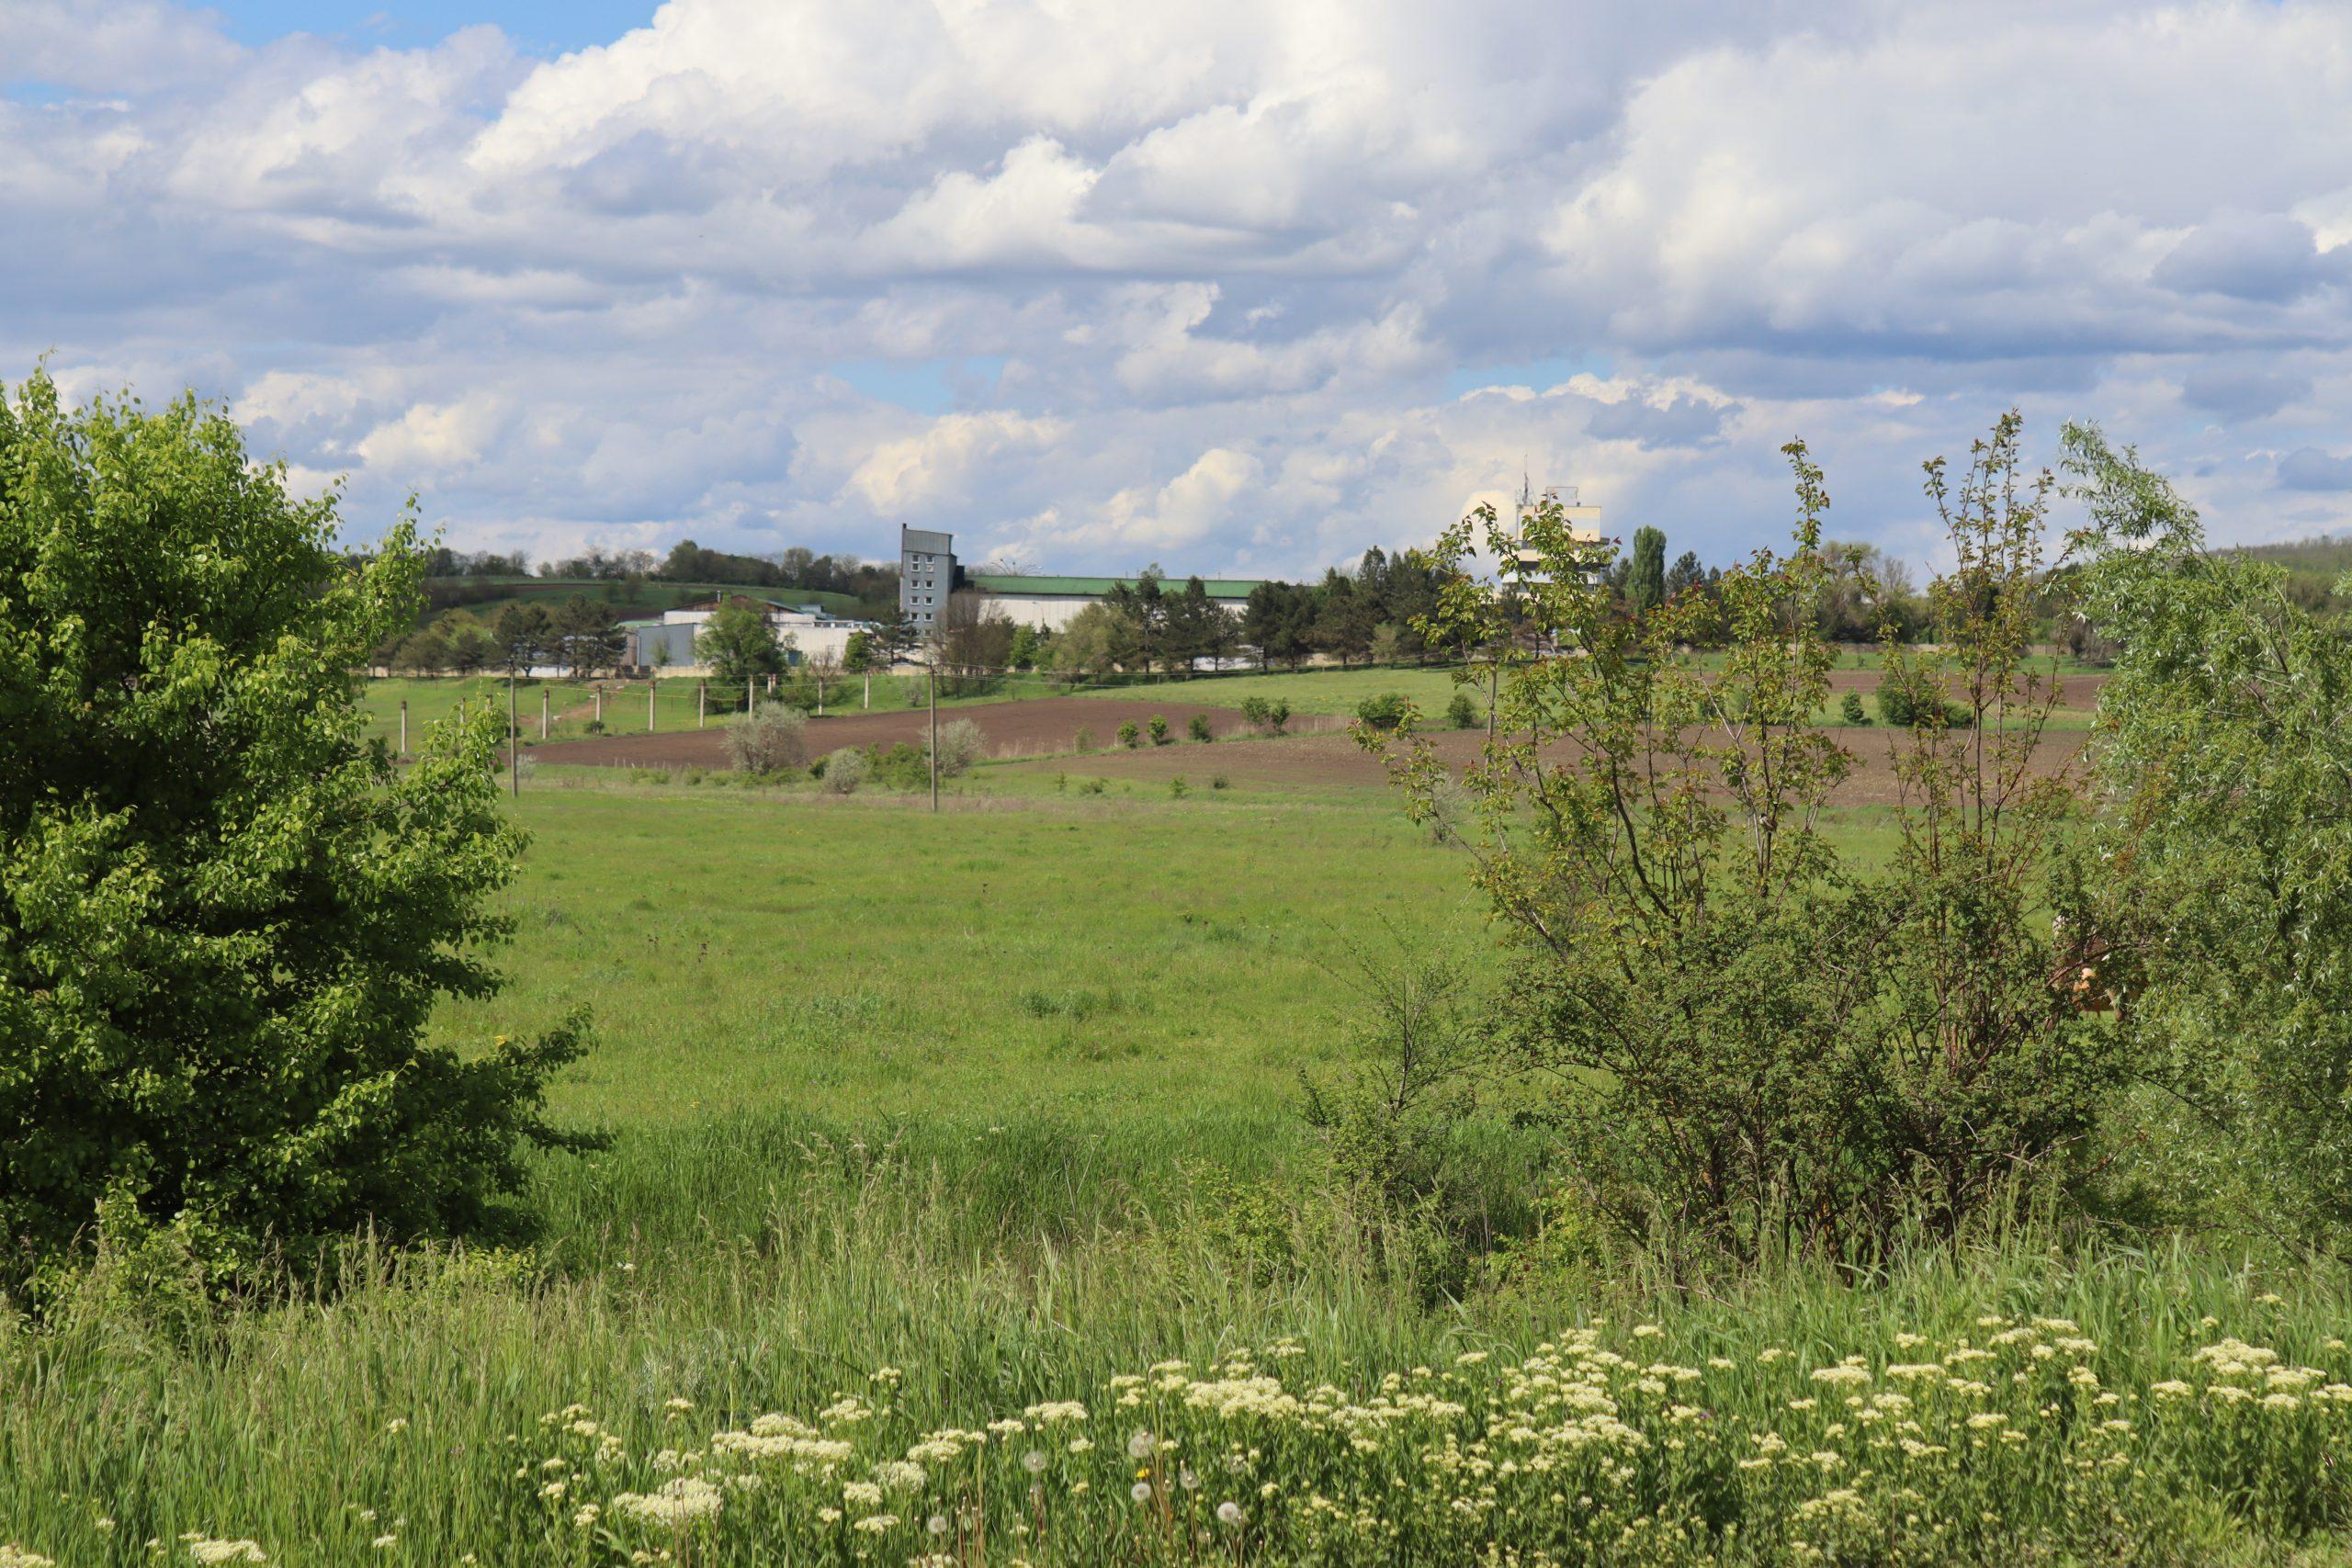 În îndepărtare se vede Fabrica de Vinuri Romănești